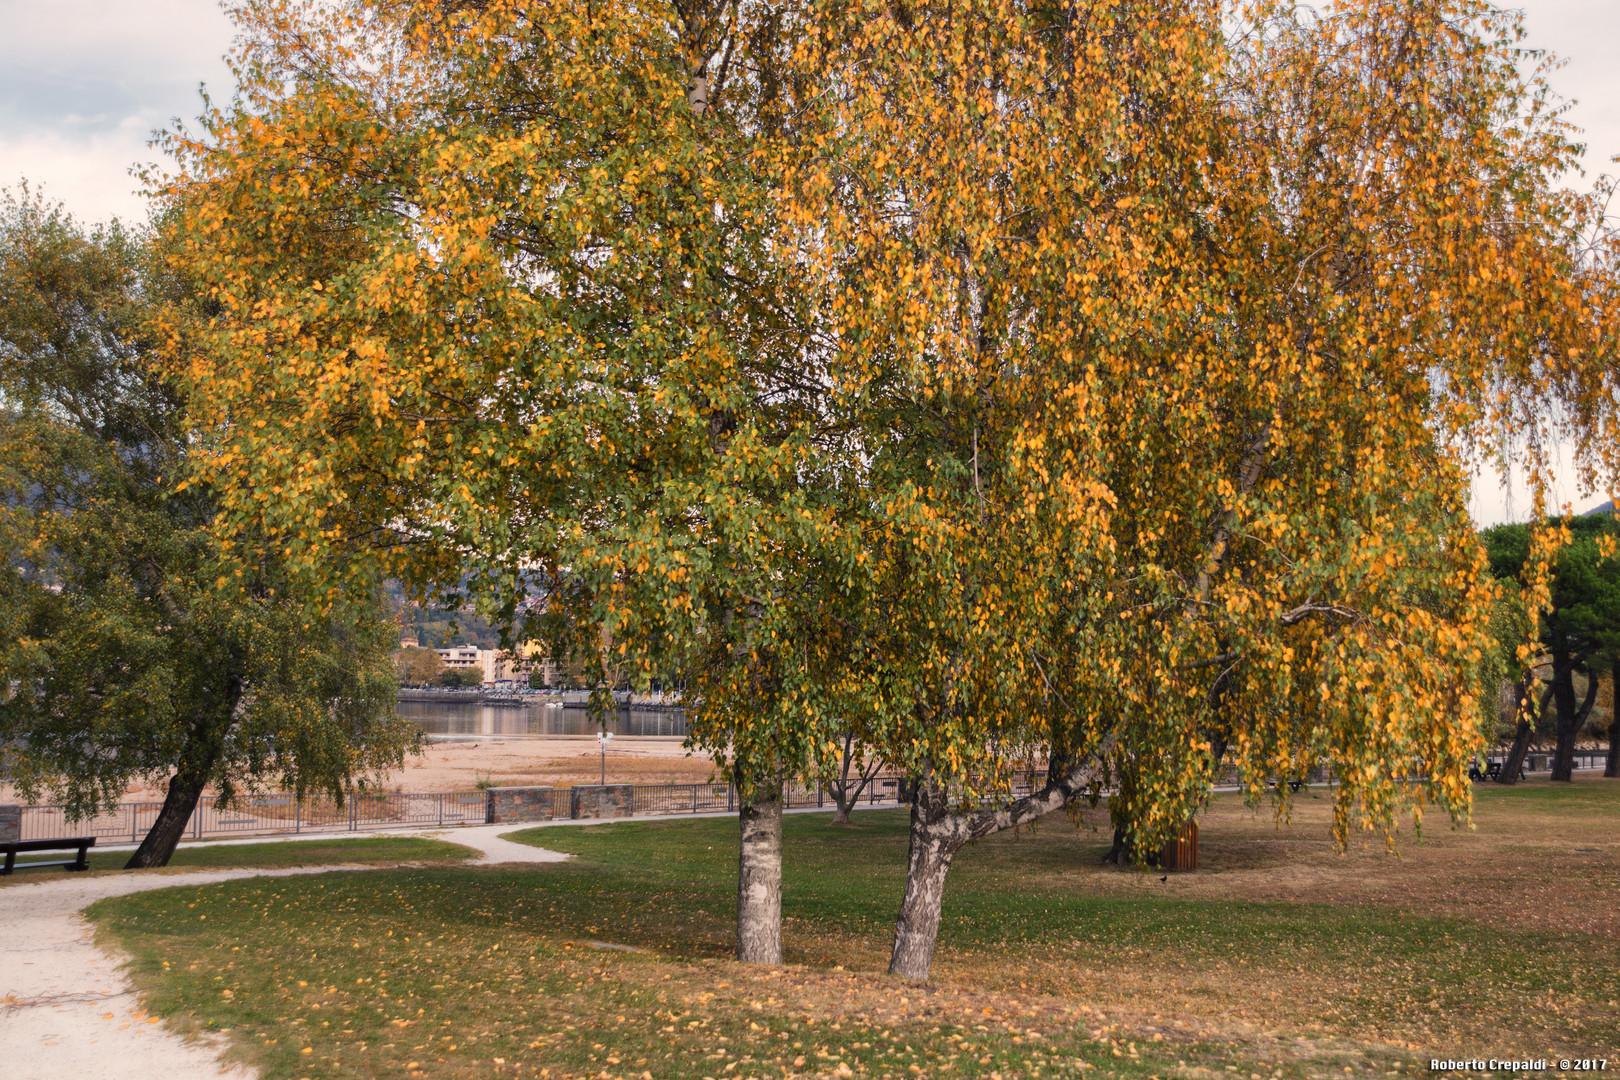 Germignaga, giardini pubblici